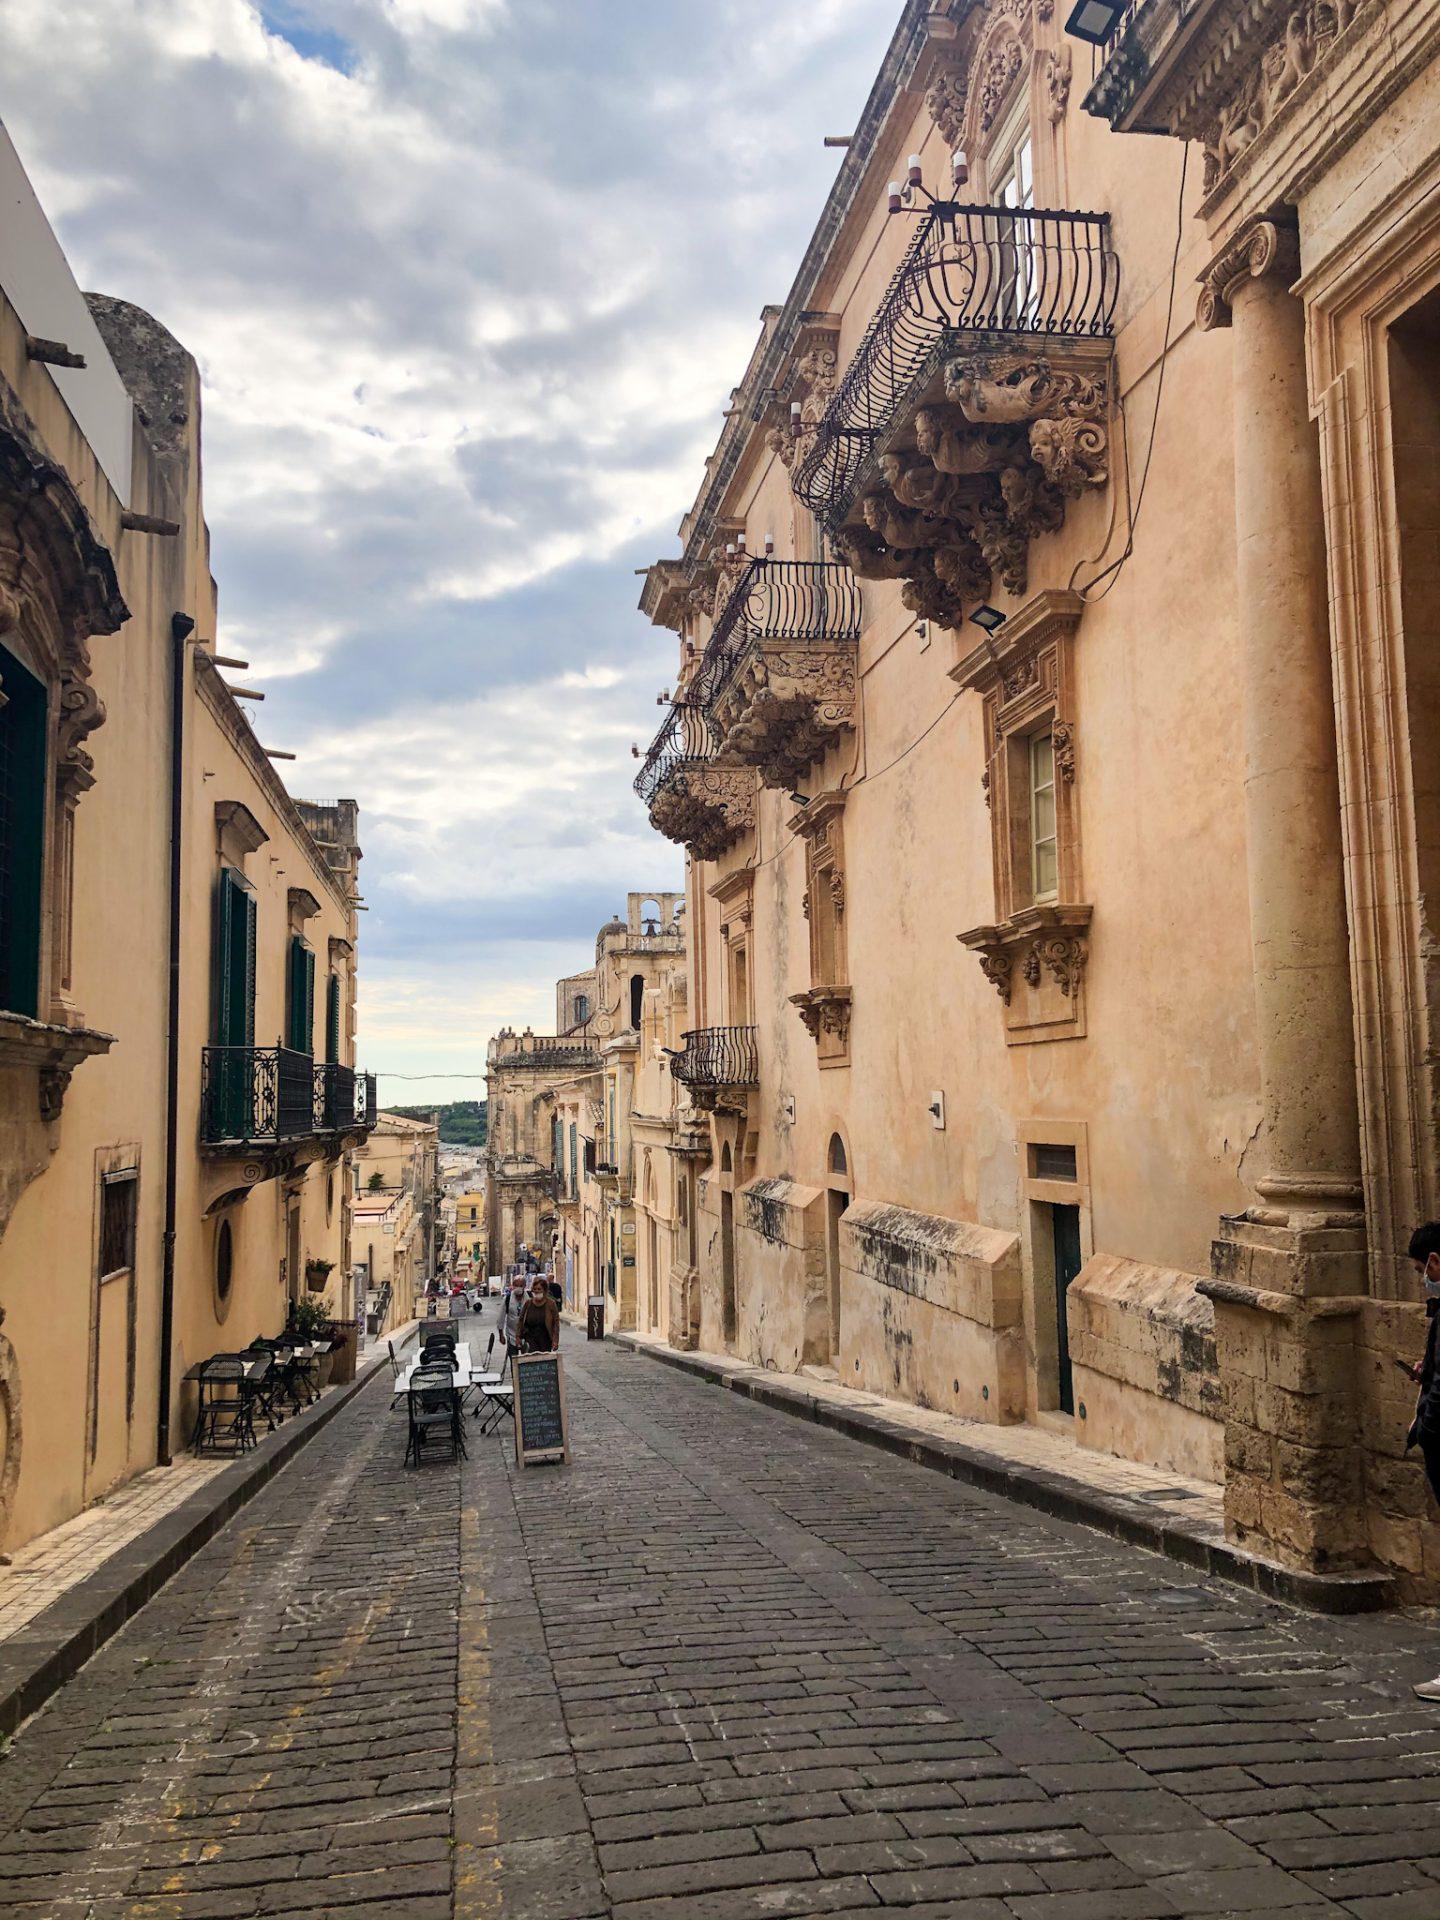 Corrado Nicolaci Noto Sicily